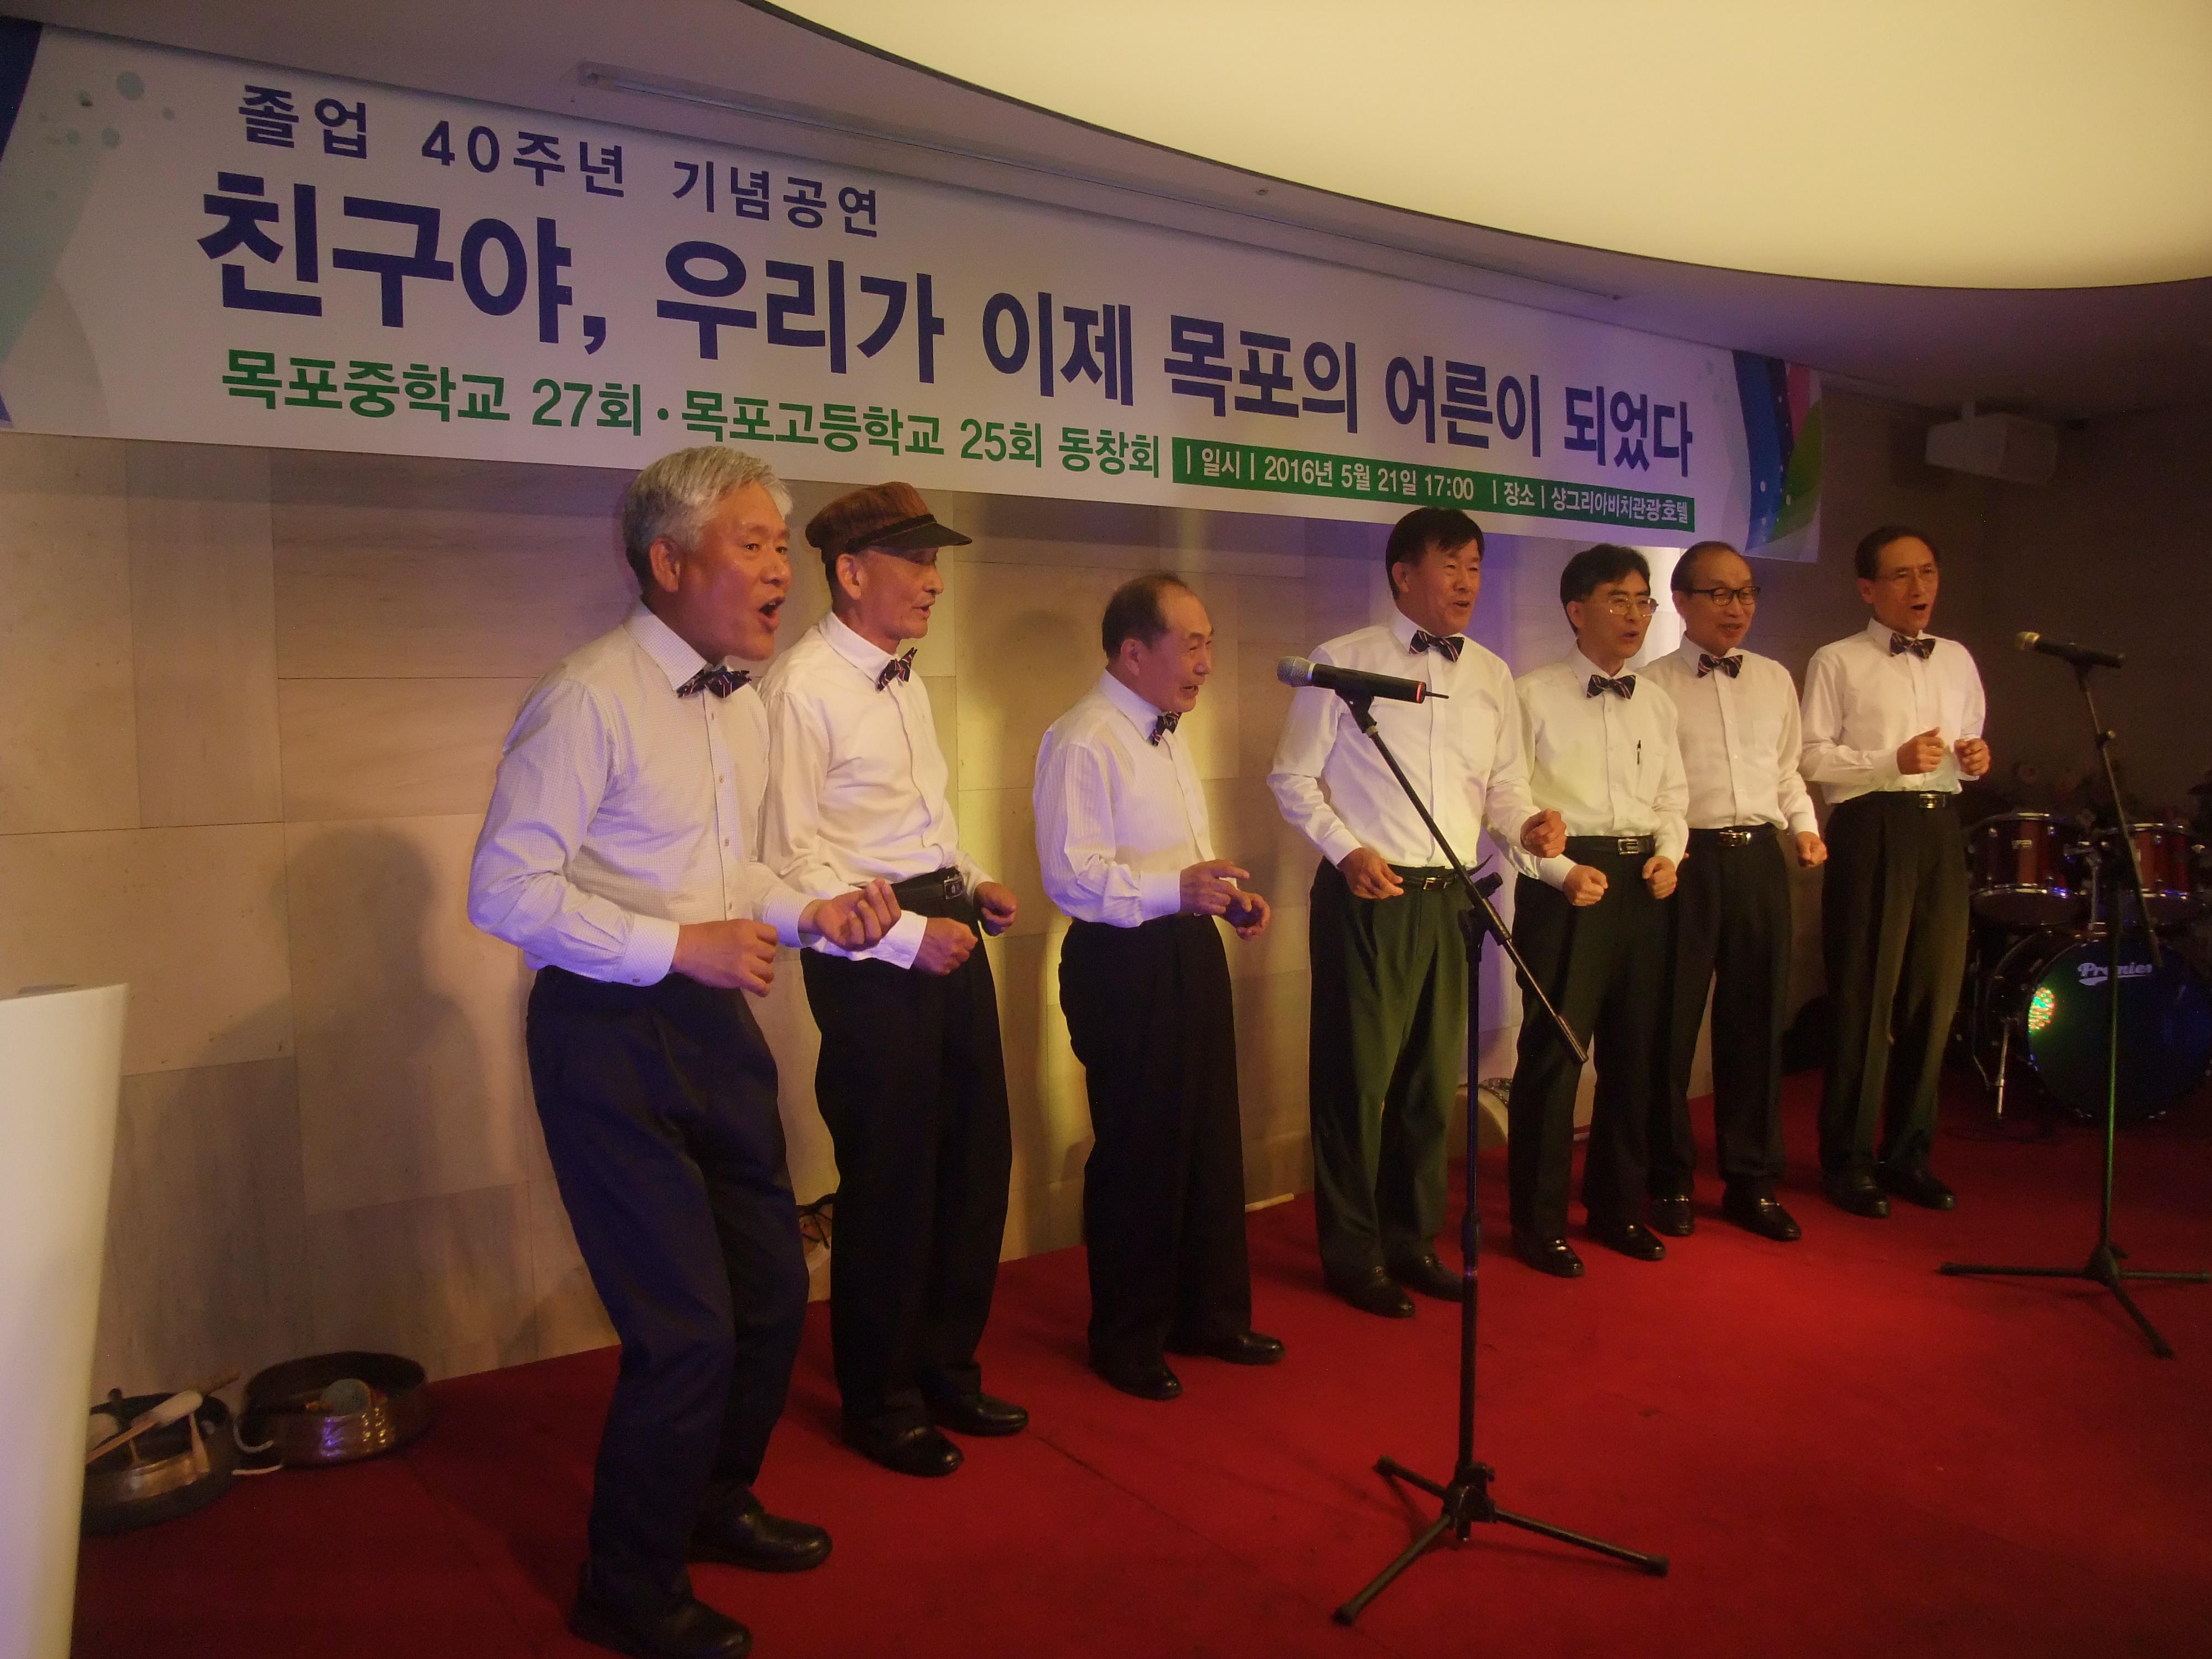 16-0521비룡중창단목포공연5-3.jpg